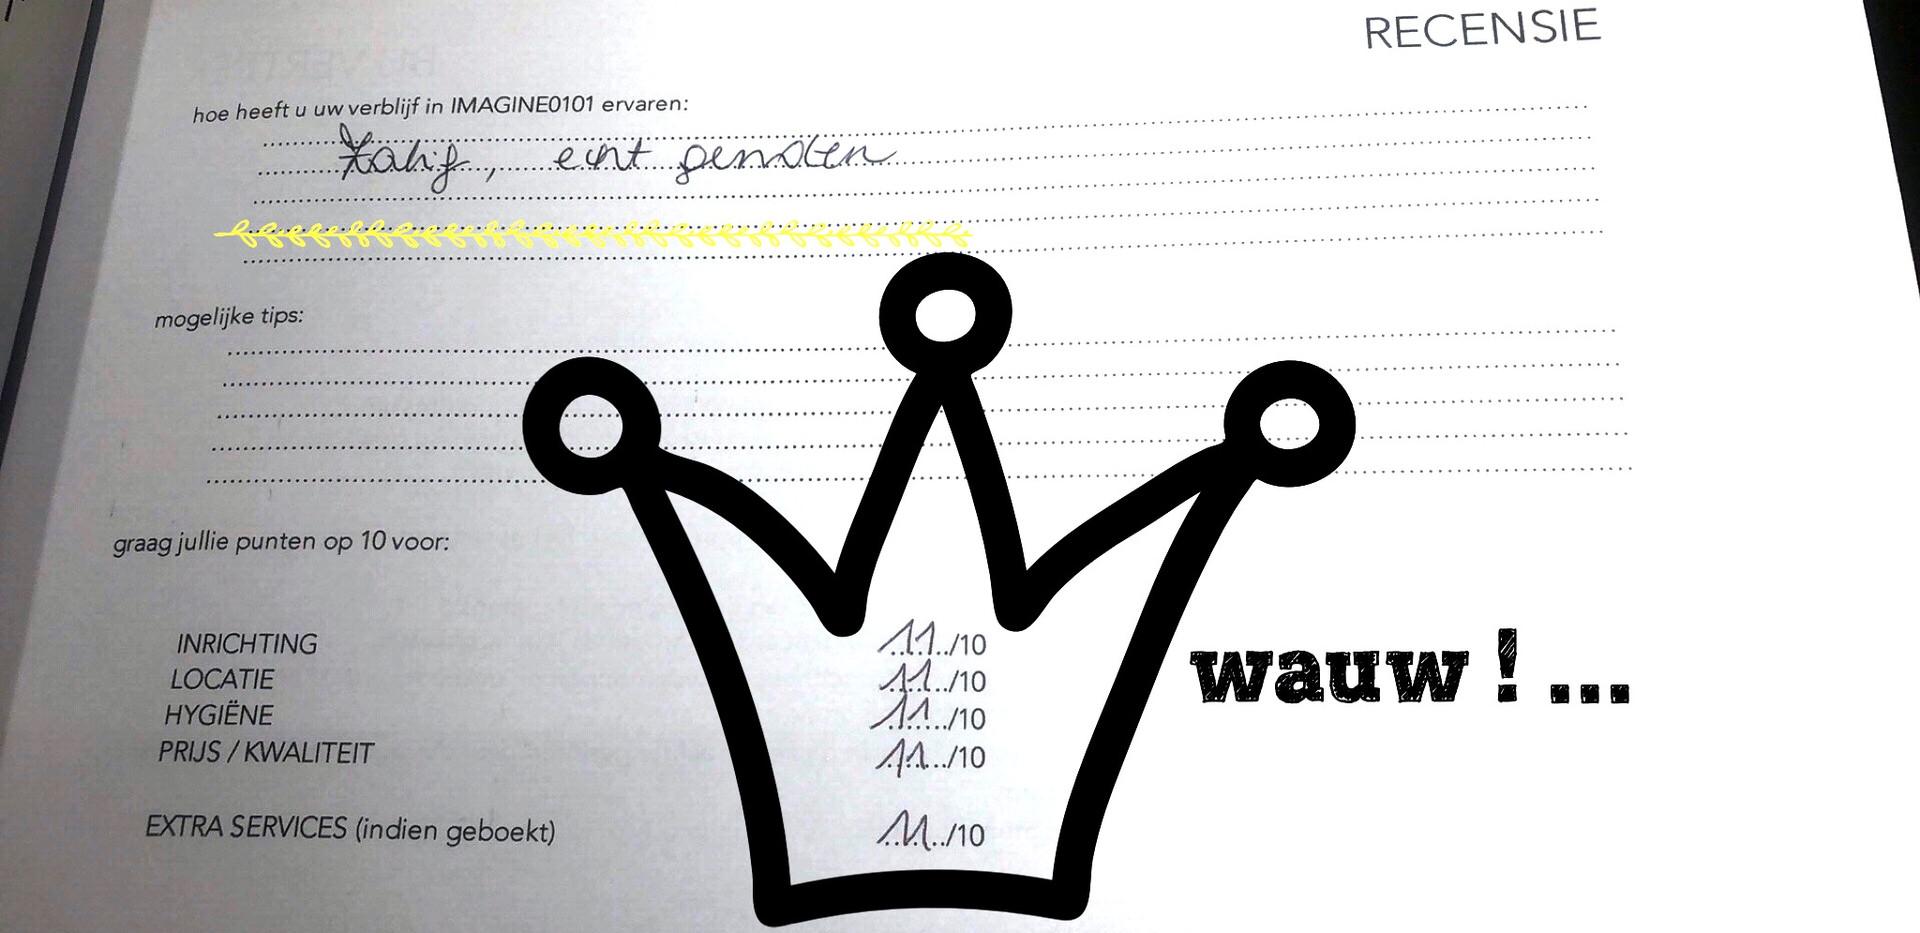 recensie van huurders IMAGINE0101 Middelkerke